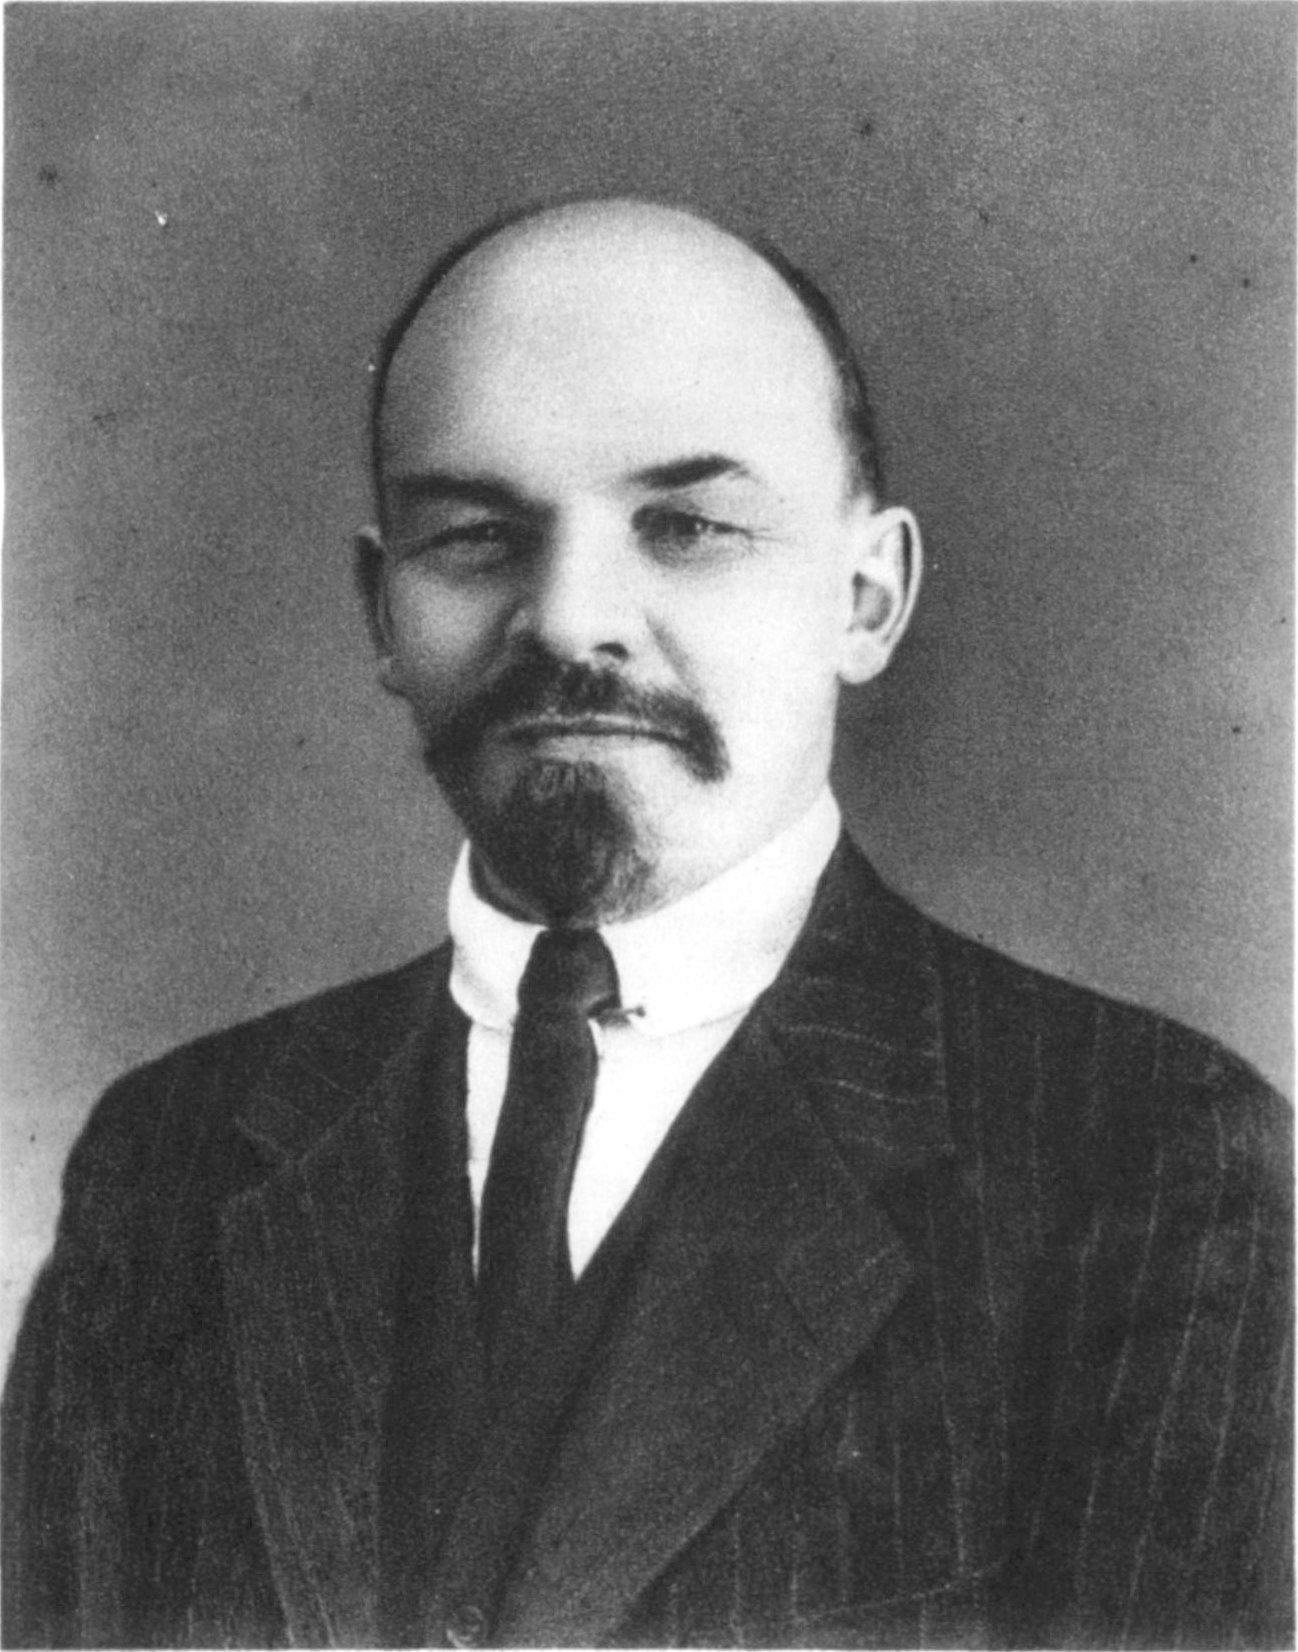 Rewolucyjne wrzenie w Rosji zaskoczyło Lenina, przebywającego właśnie w Szwajcarii. Zdjęcie wykonane przez Wilhelma Pliera w 1916 roku w Zurychu.